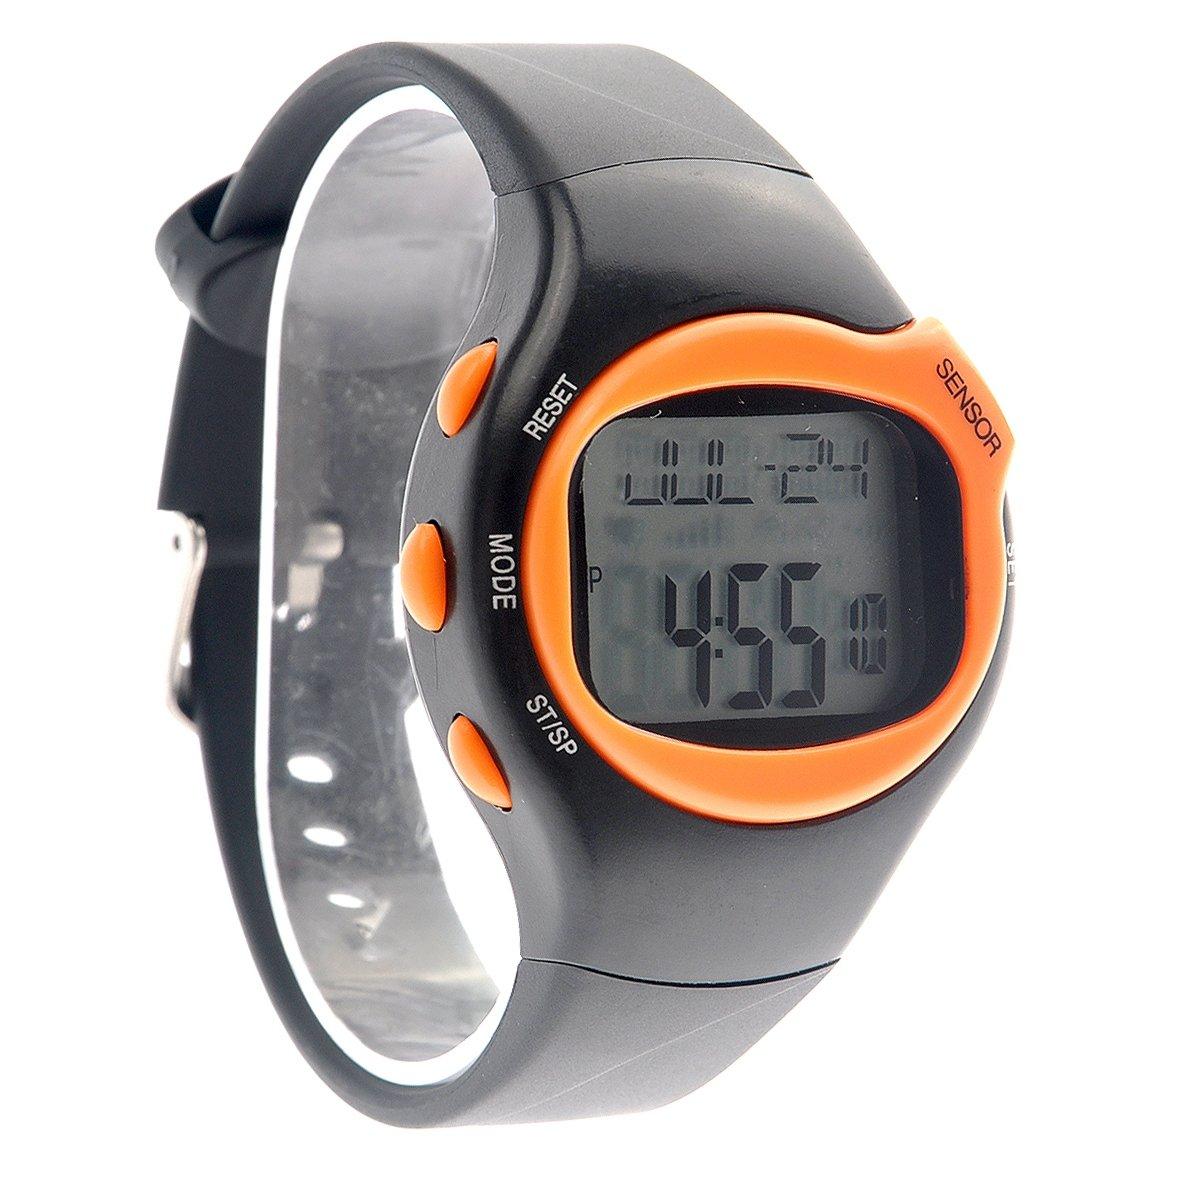 Contador de calorías Pixnor impermeable Unisex pulso pulso ...